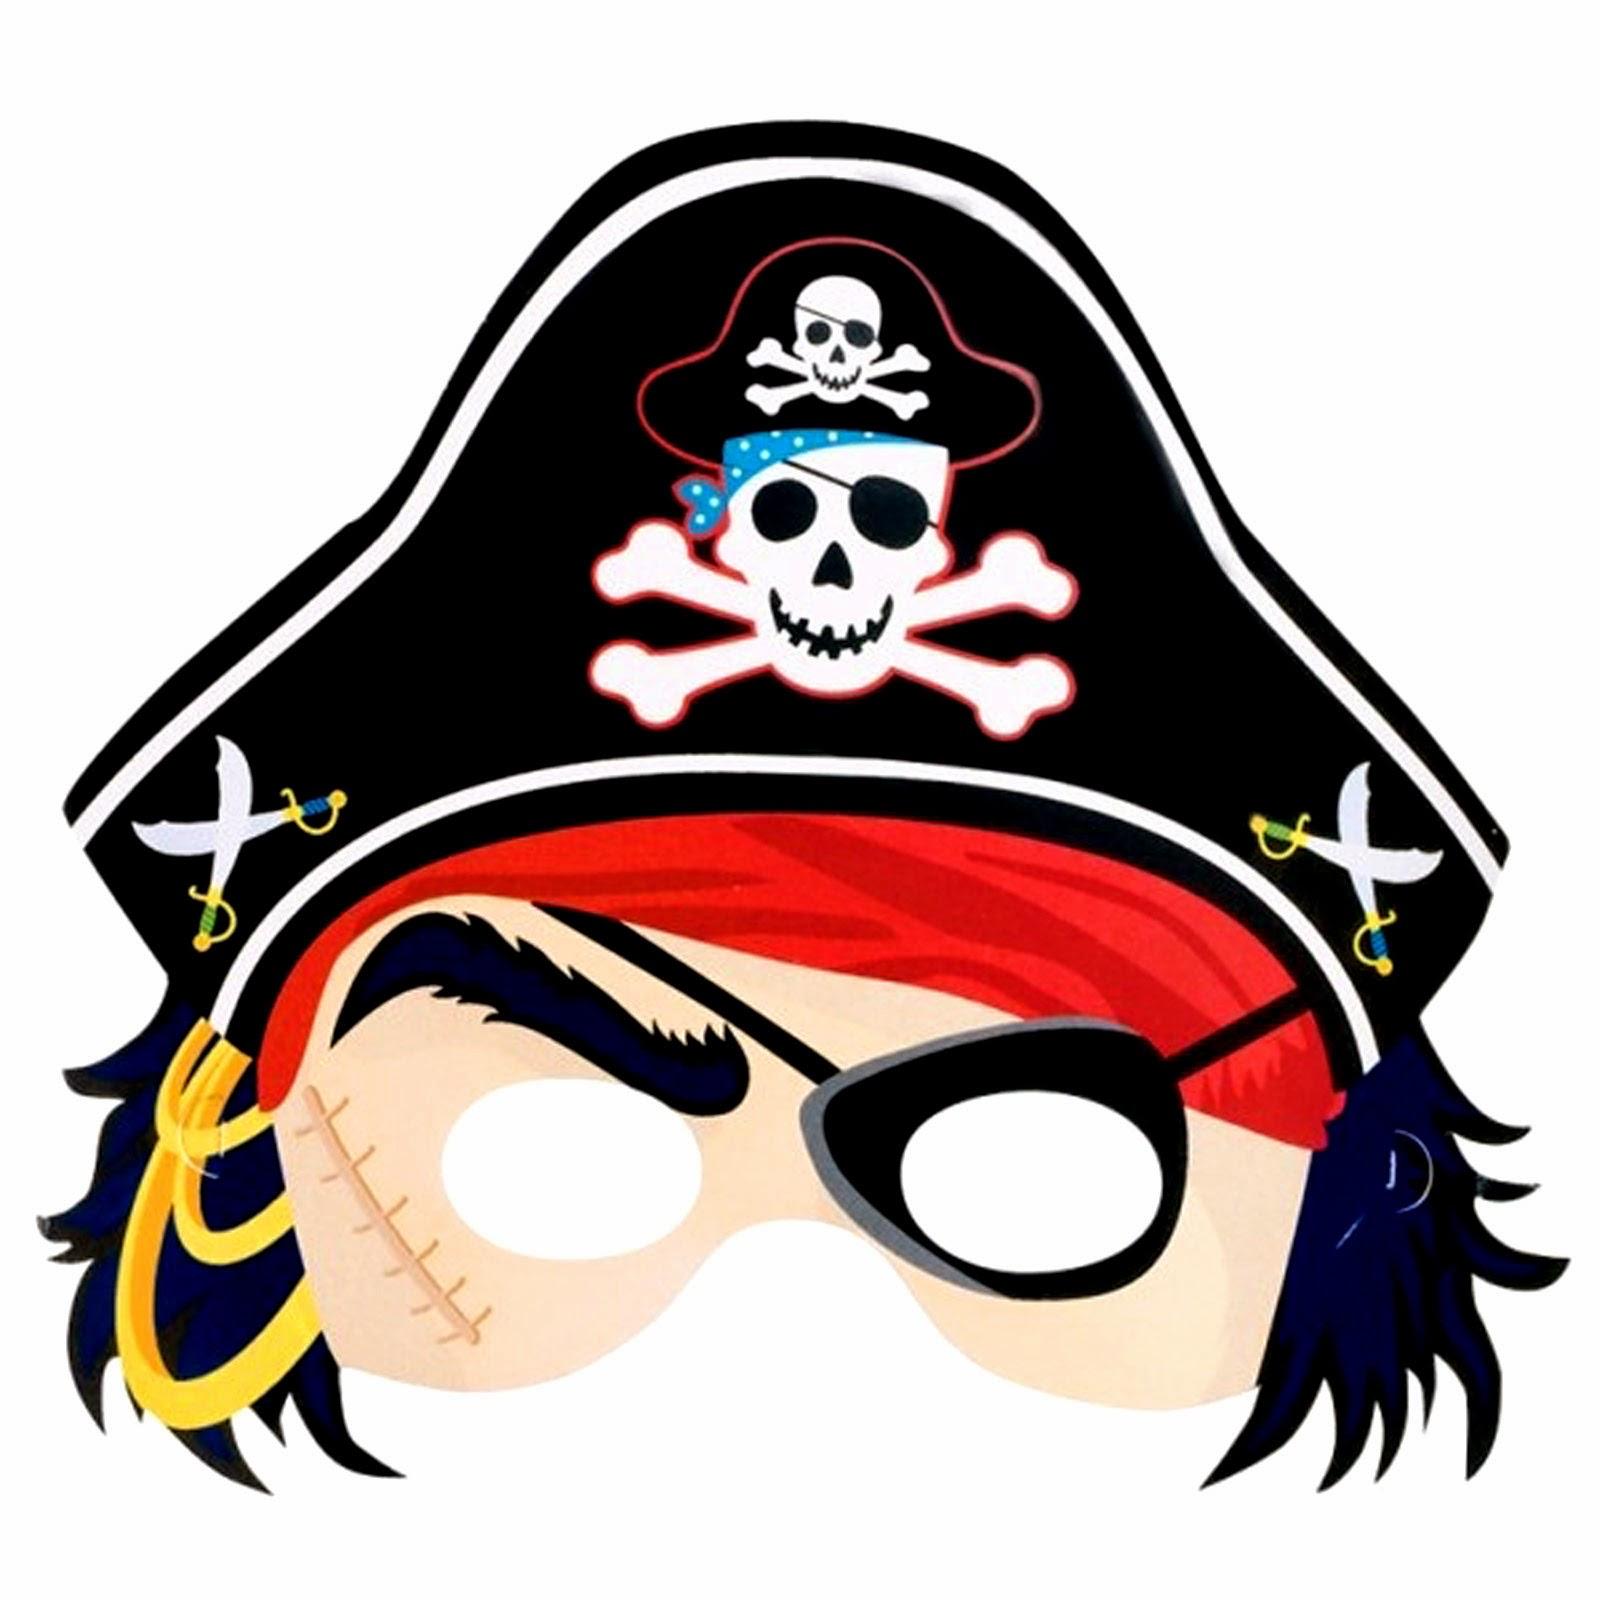 Пиратская вечеринка: организация, идеи и оформление вечеринки 68